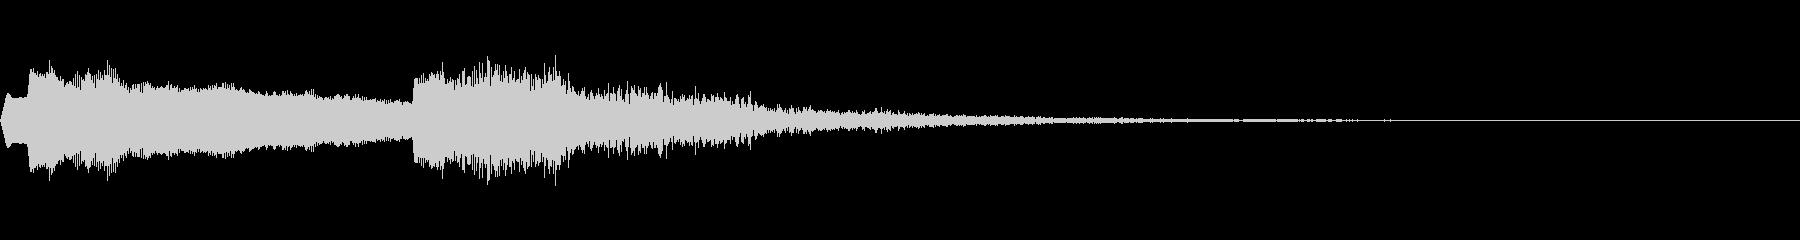 パイプオルガン~バッハのトッカータ前半~の未再生の波形